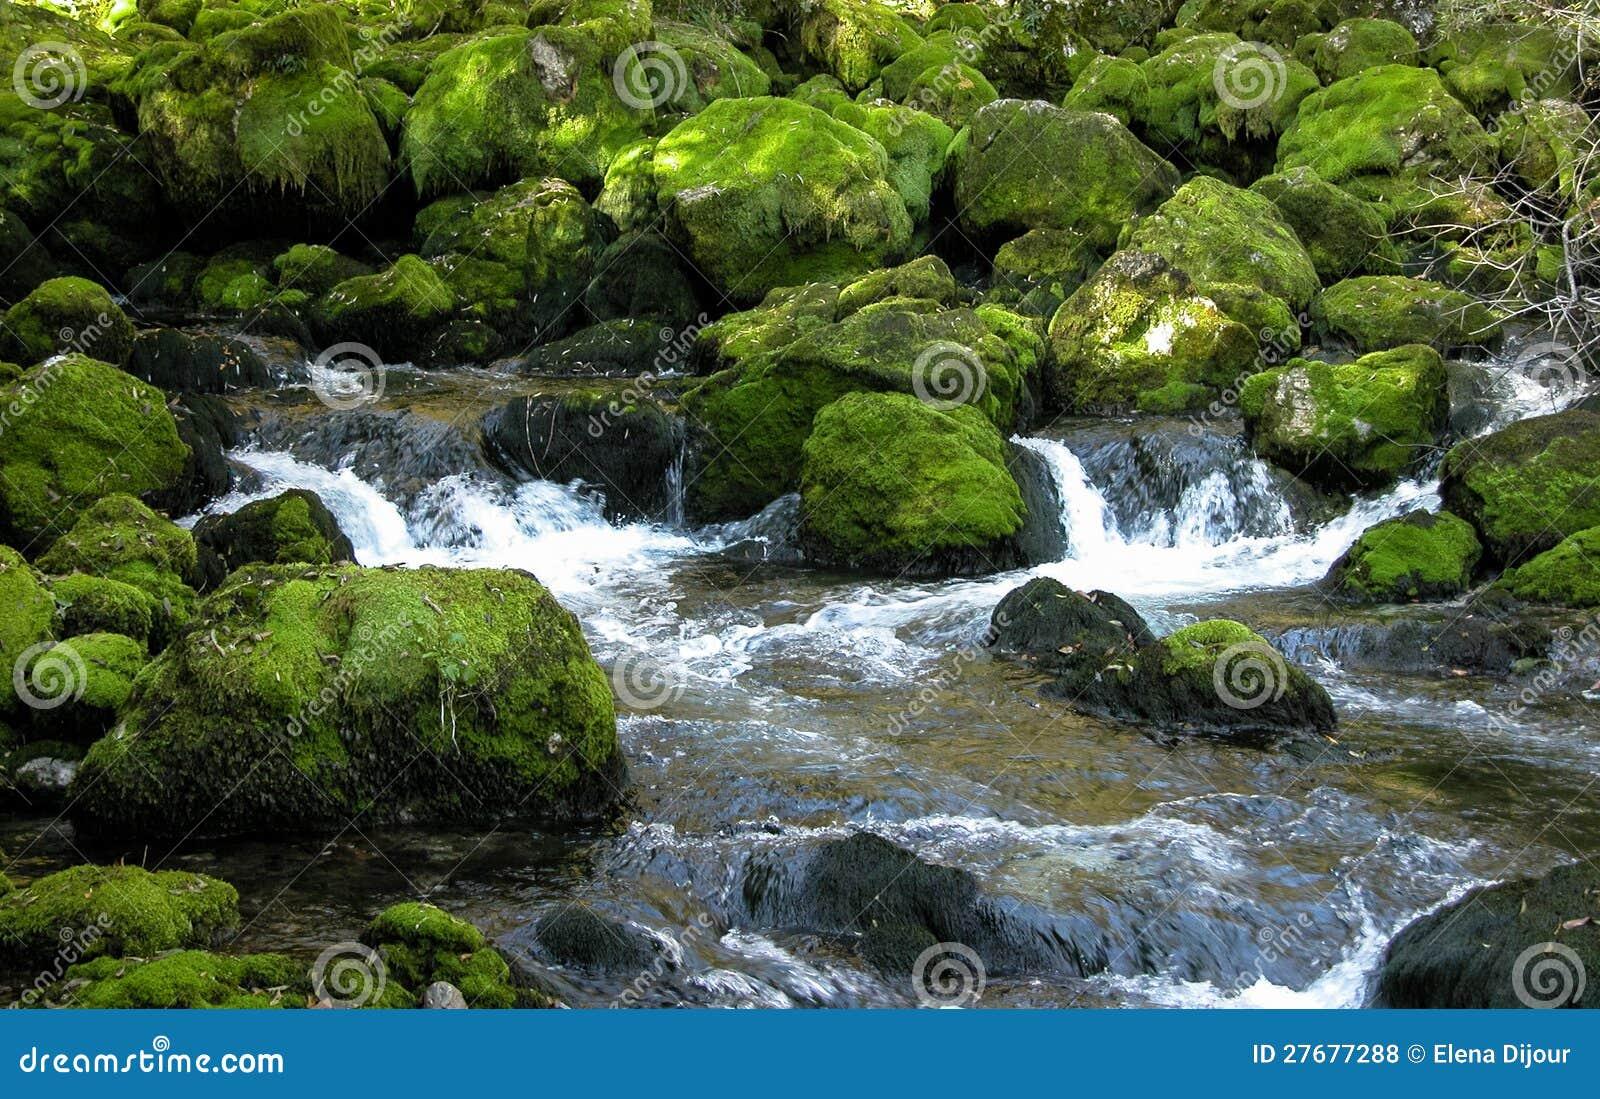 Waldstrom über grünen moosigen Felsen.